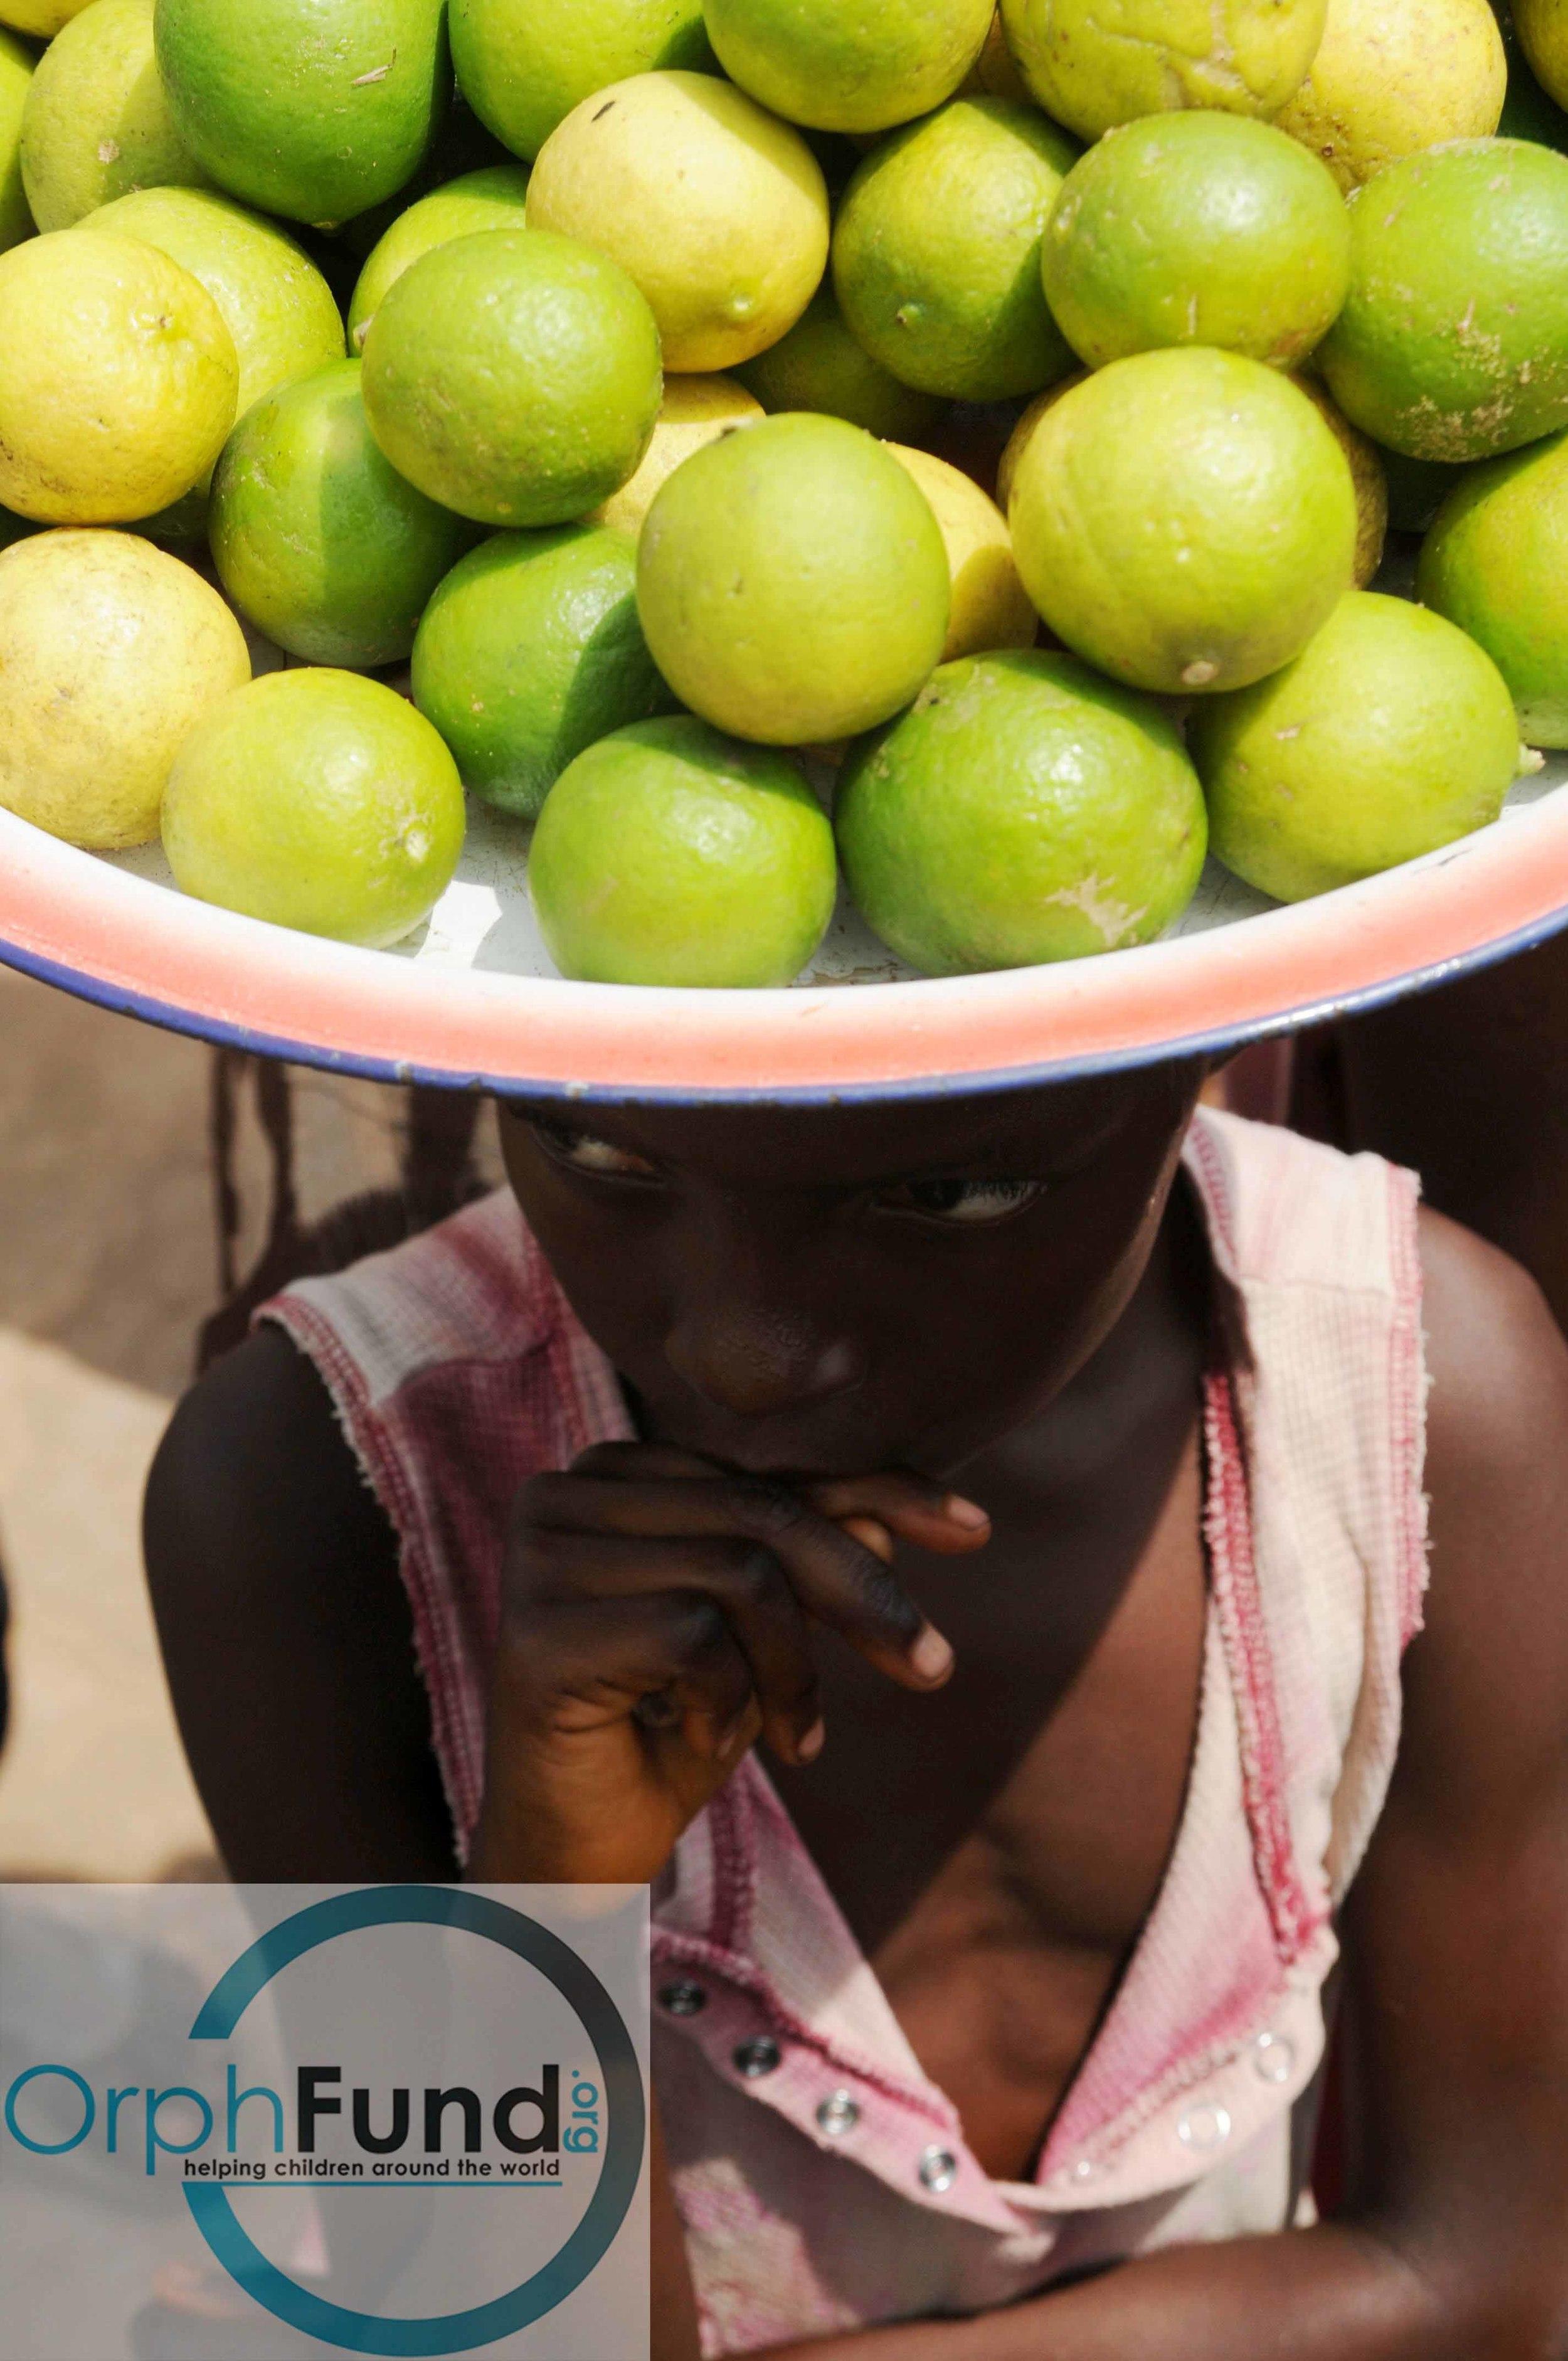 90 oranges on head copy.jpg